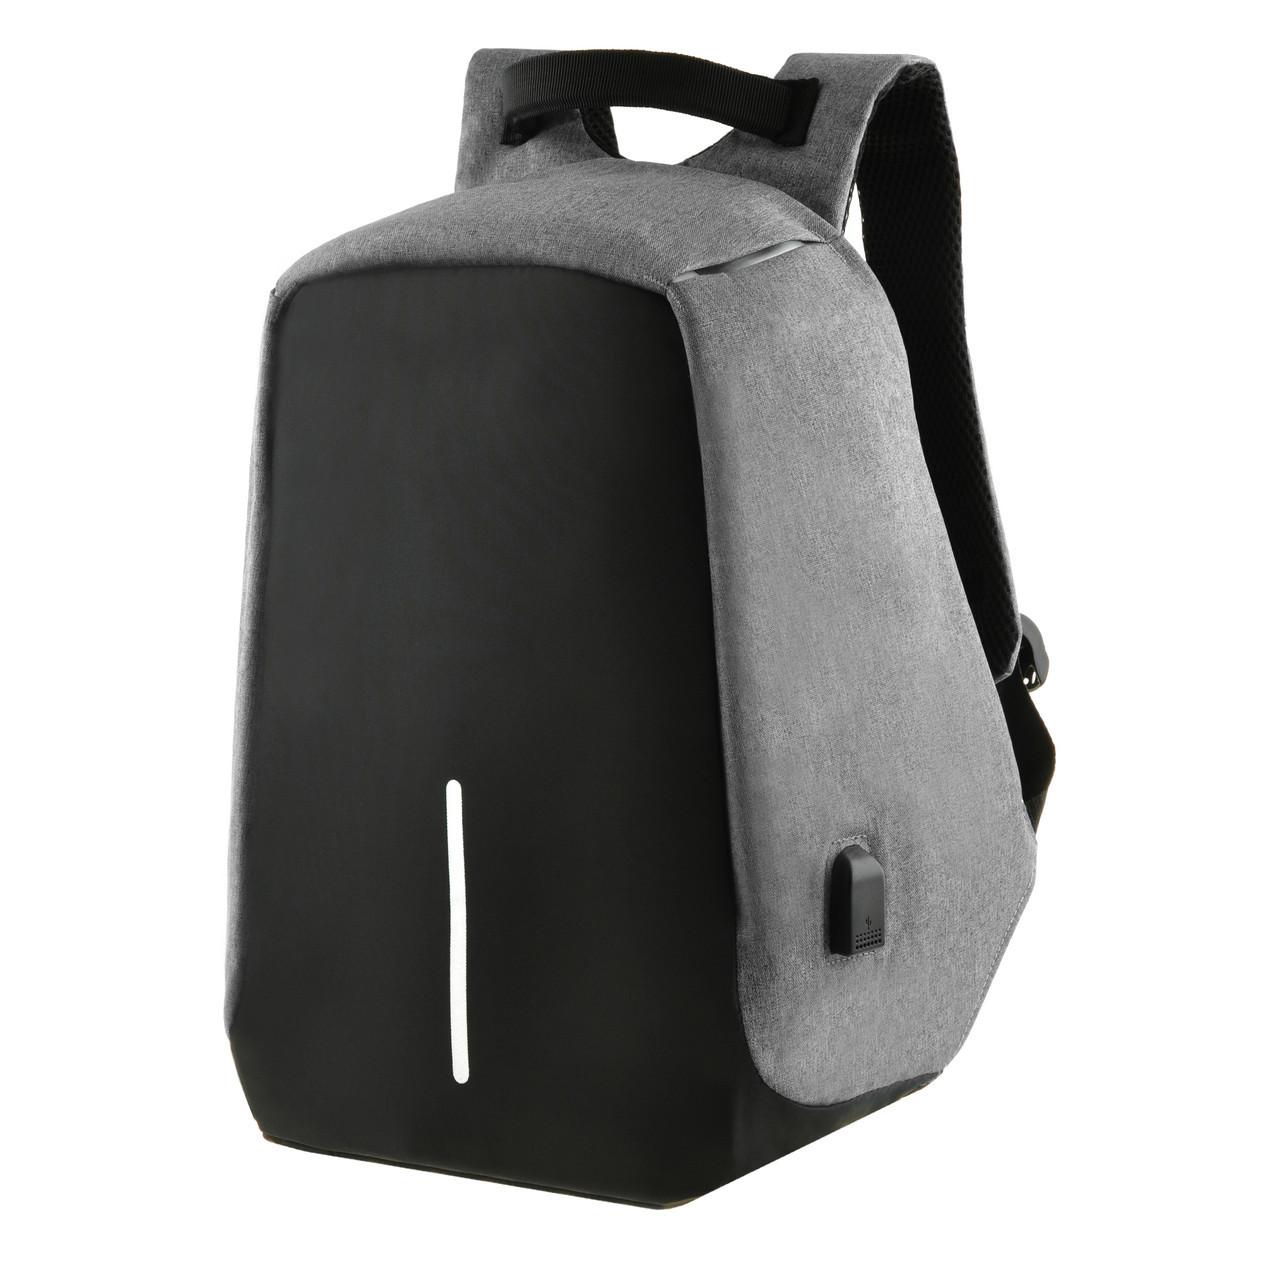 Міський рюкзак під ноутбук Bobby протикрадій 41х29х14 USB порт, водовідштовхувальна тканину чорно-сірий ксНЛ1688сер